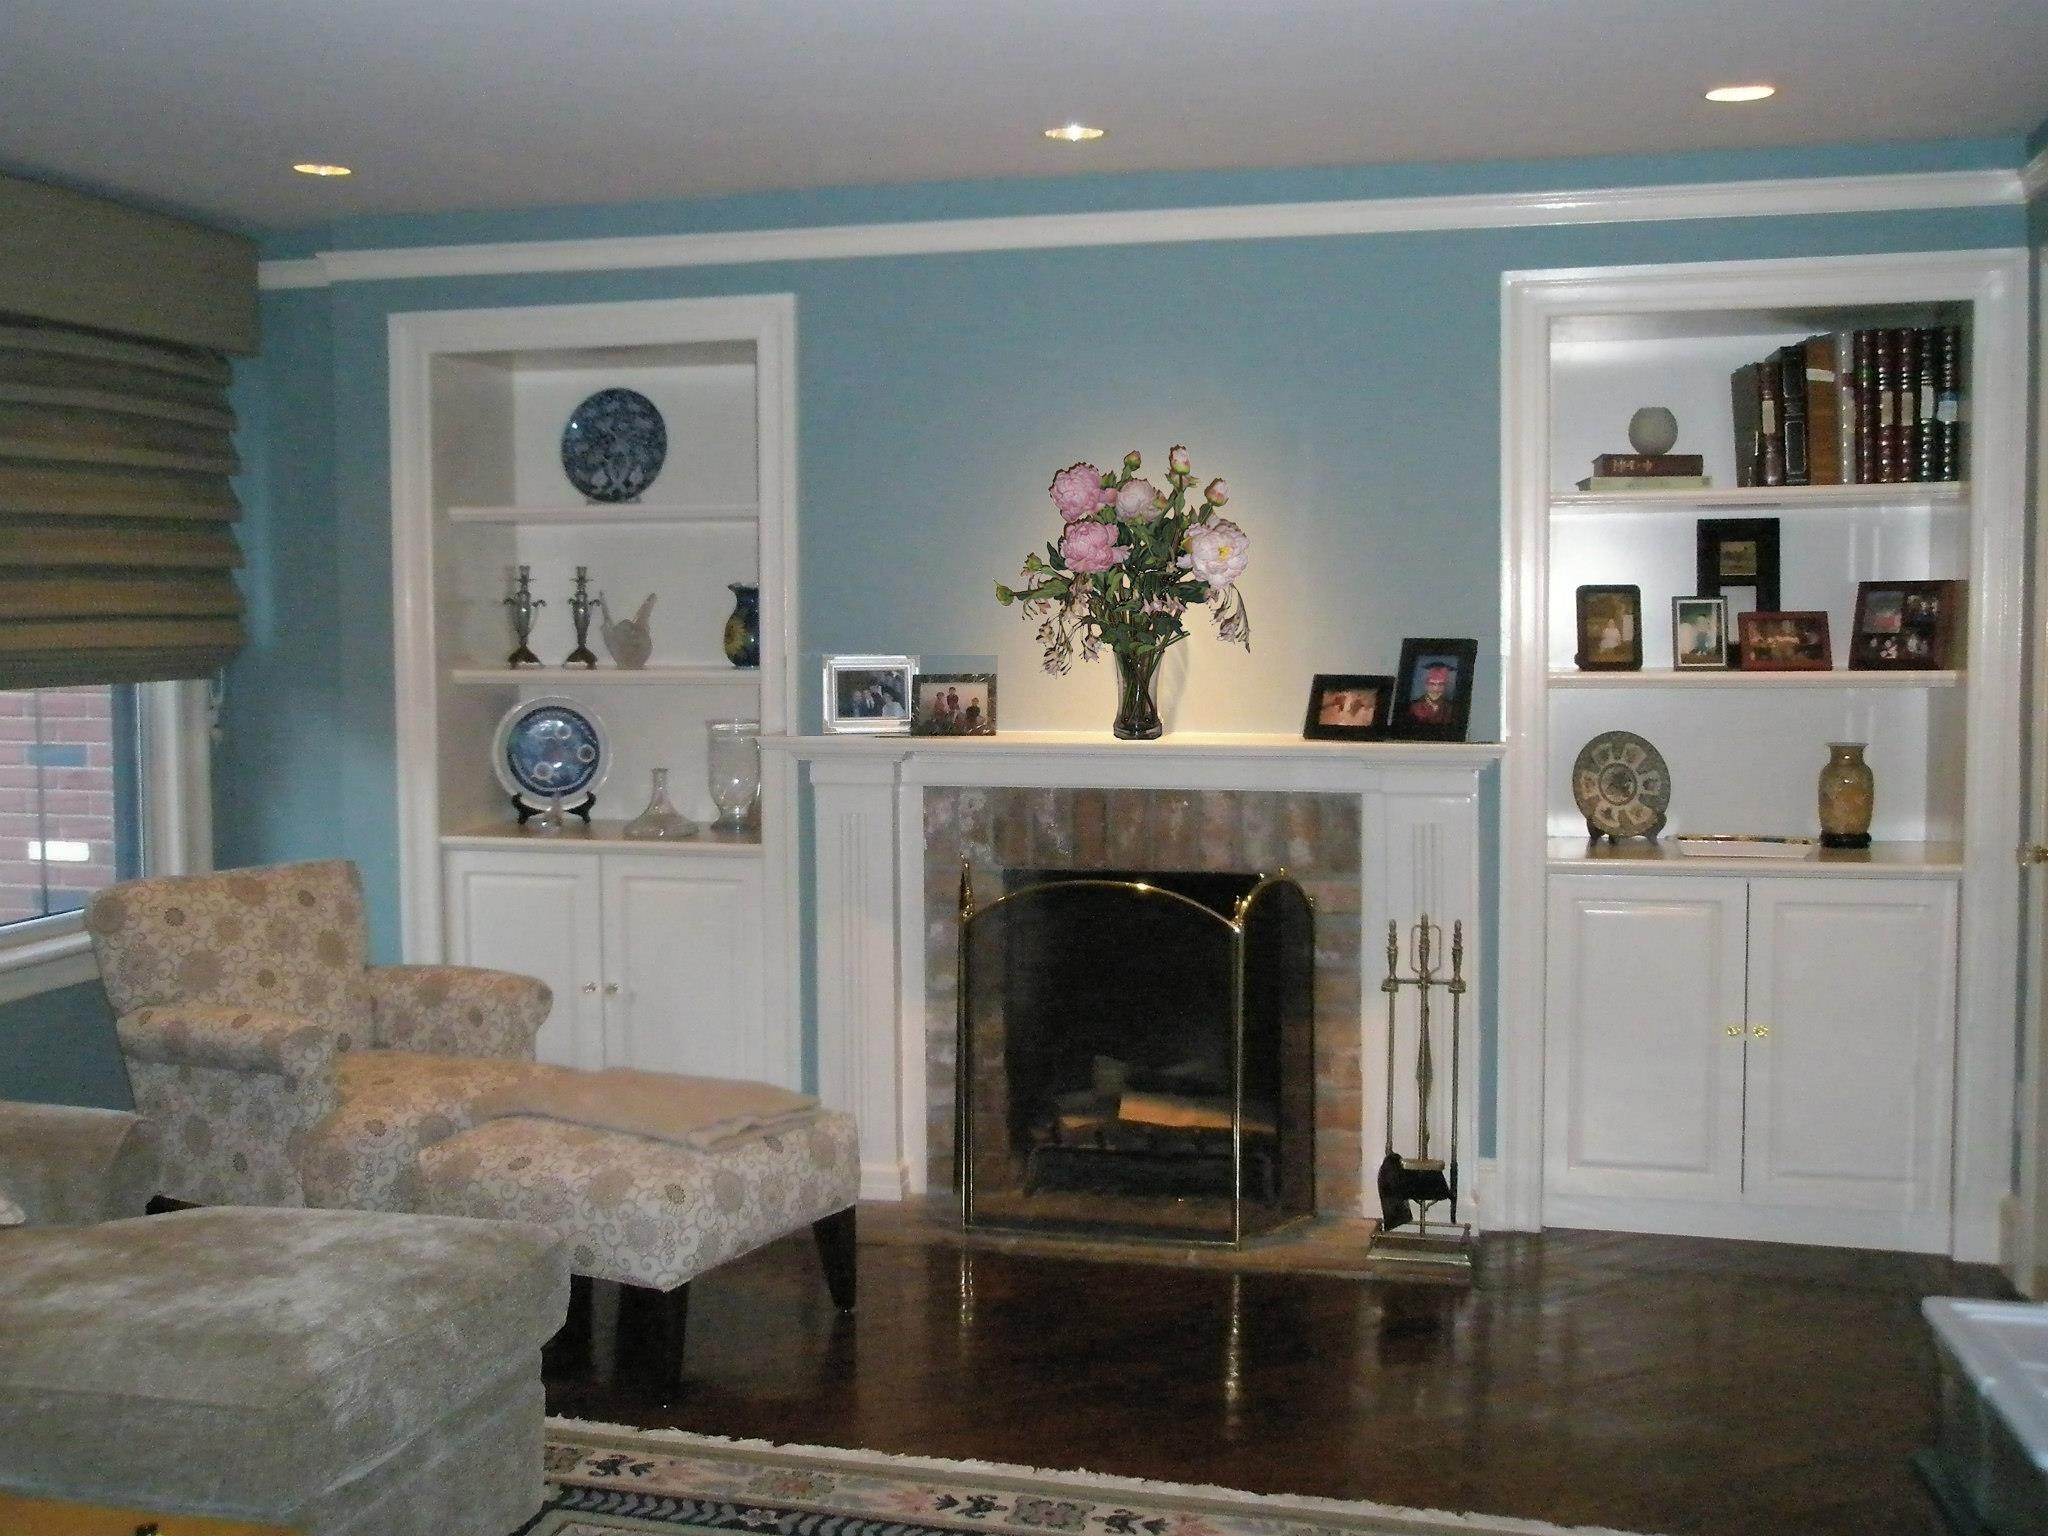 Area Aesthetics interior design gift certificate